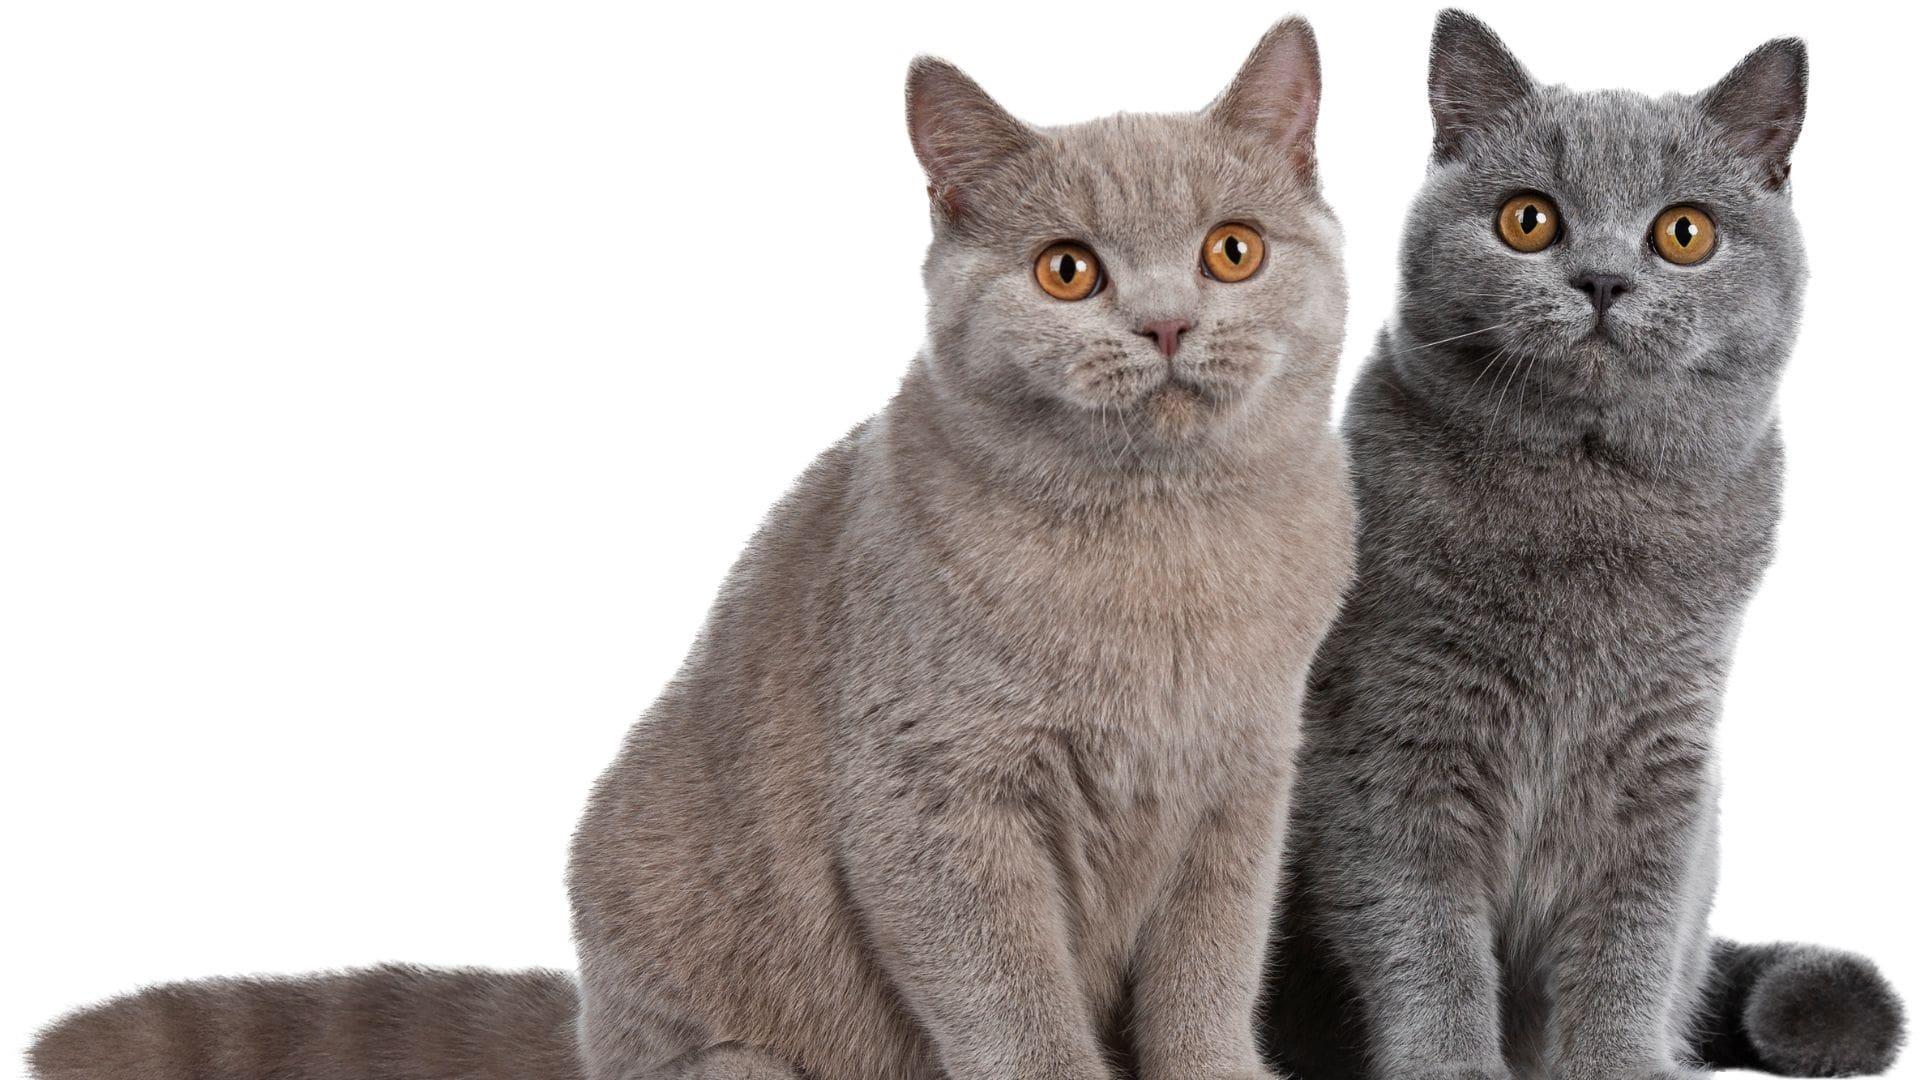 Katze oder Kater? Die wichtigsten Unterschiede